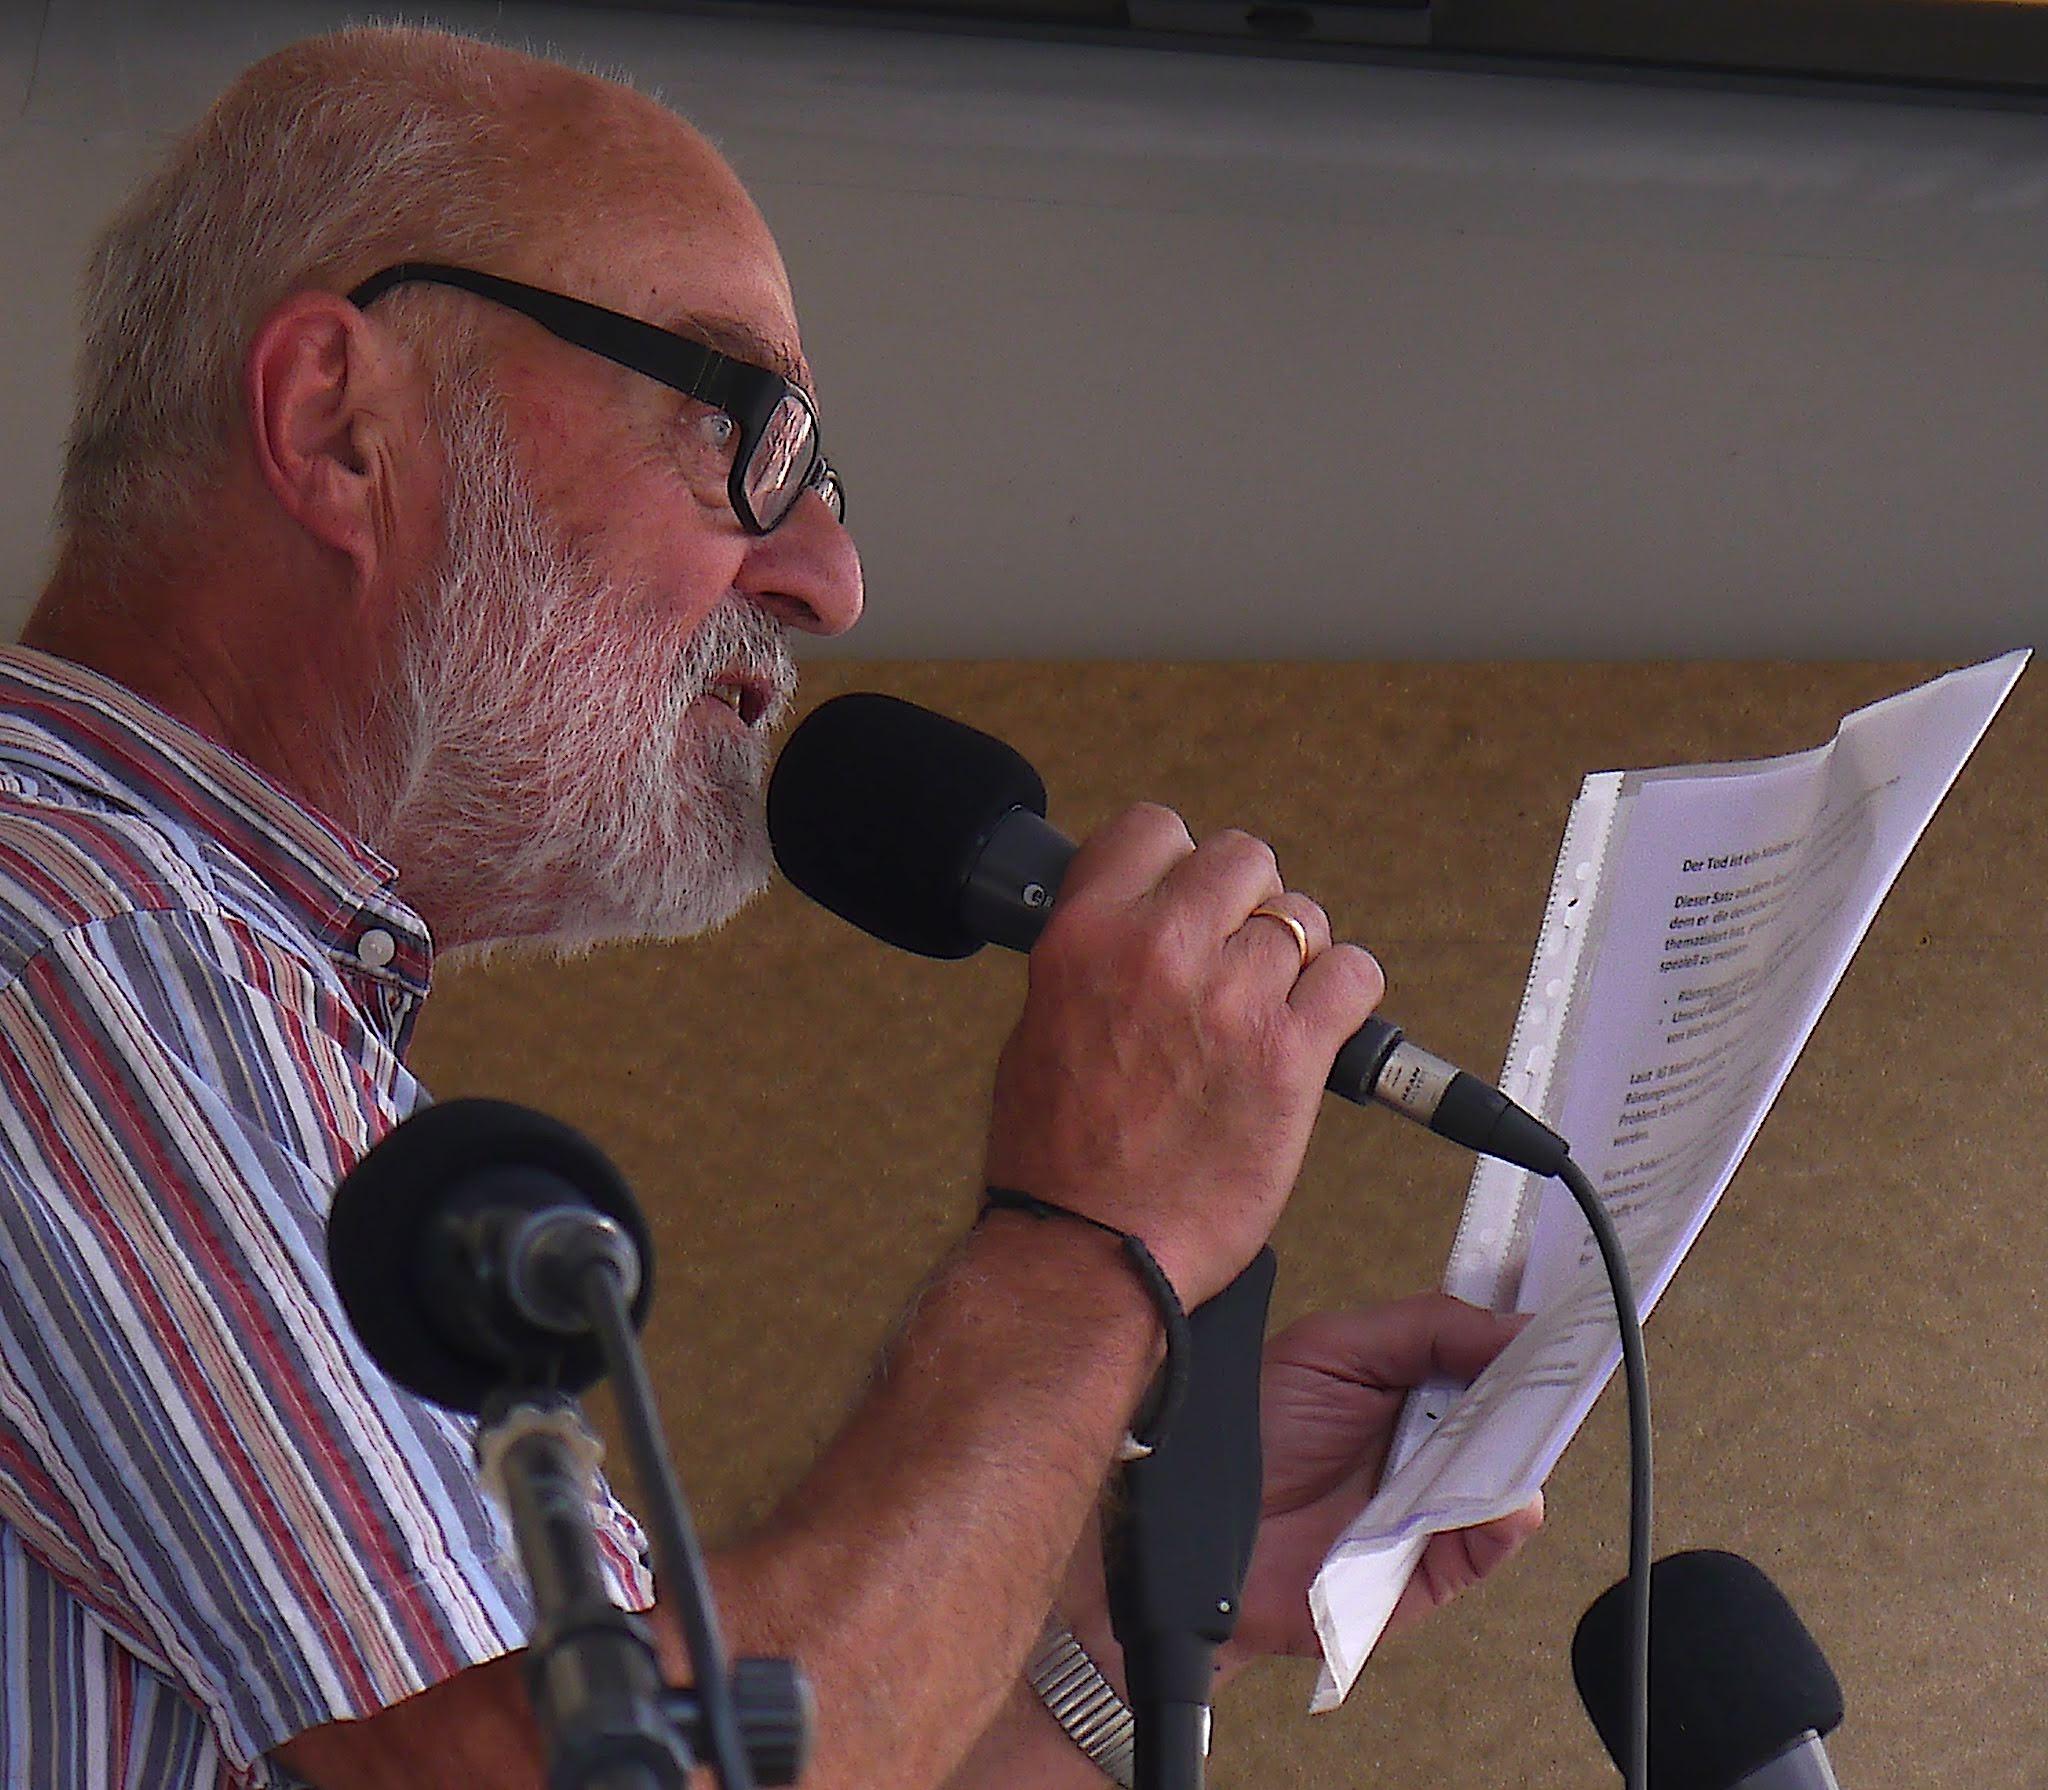 Ein älterer kräftiger mann mit kurzrasierten grauen Haaren, einem kurzen grauen Bart und mit dunkler Hornbrille spricht in ein Mikro.